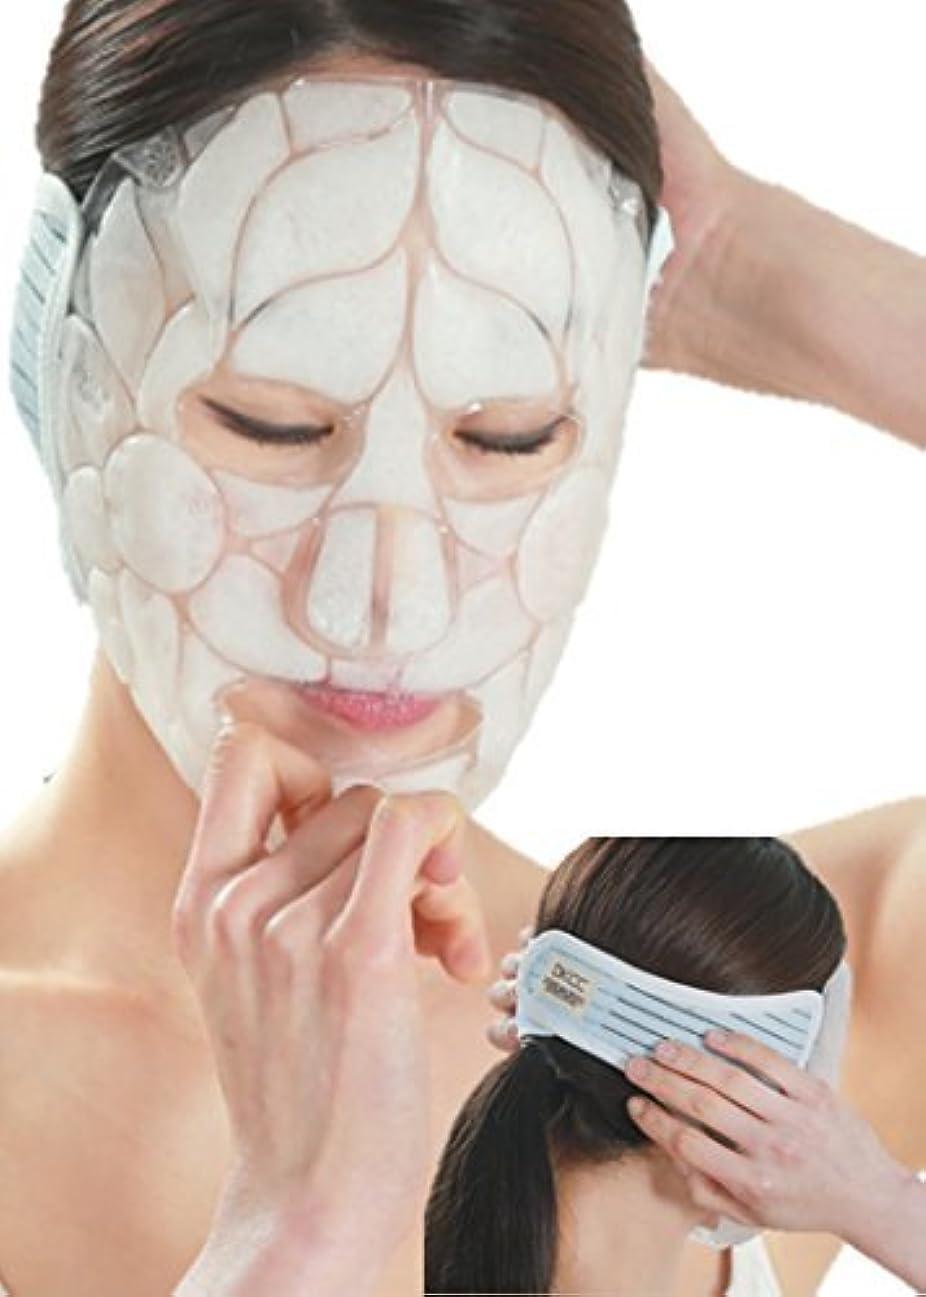 素子つかの間エミュレートする【 お風呂上がりは冷却美容 でプリ肌に 】bellacrea(ベラクレア) アイスクーリングマスク フェイスパック 小顔マスク 韓国パック シートパック用